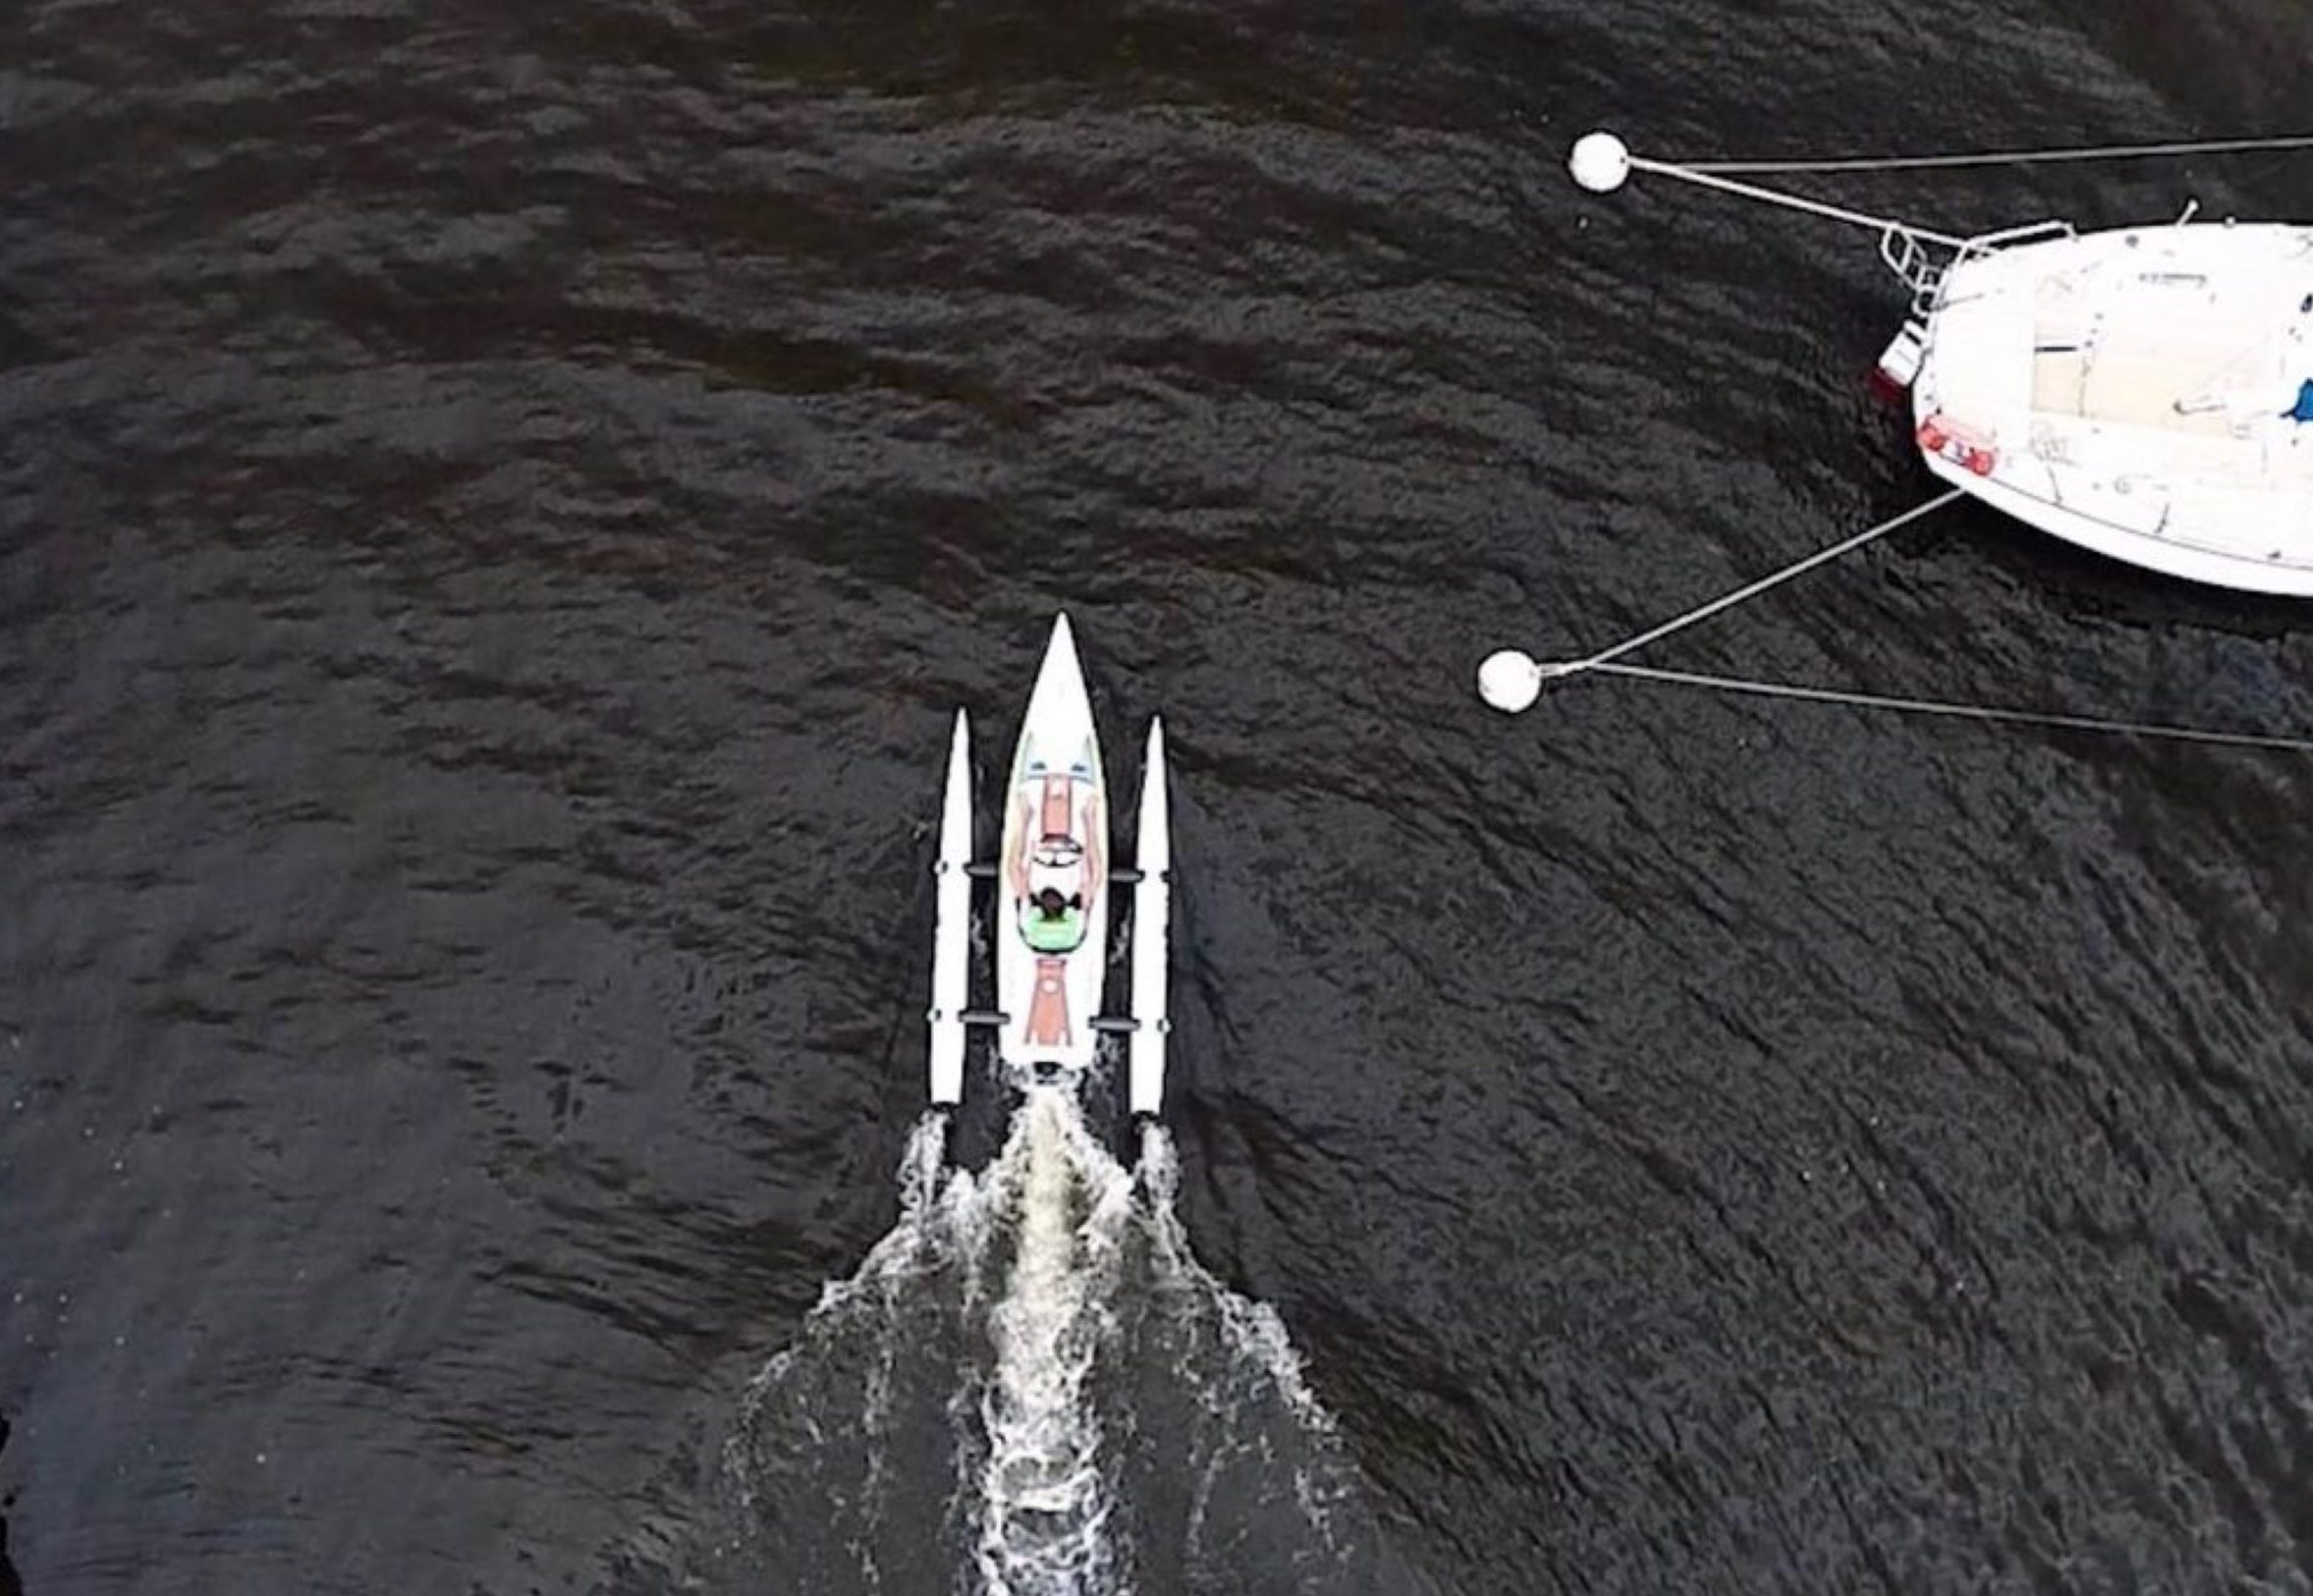 ecokart en marche vue d'un drone passant devant un bateau